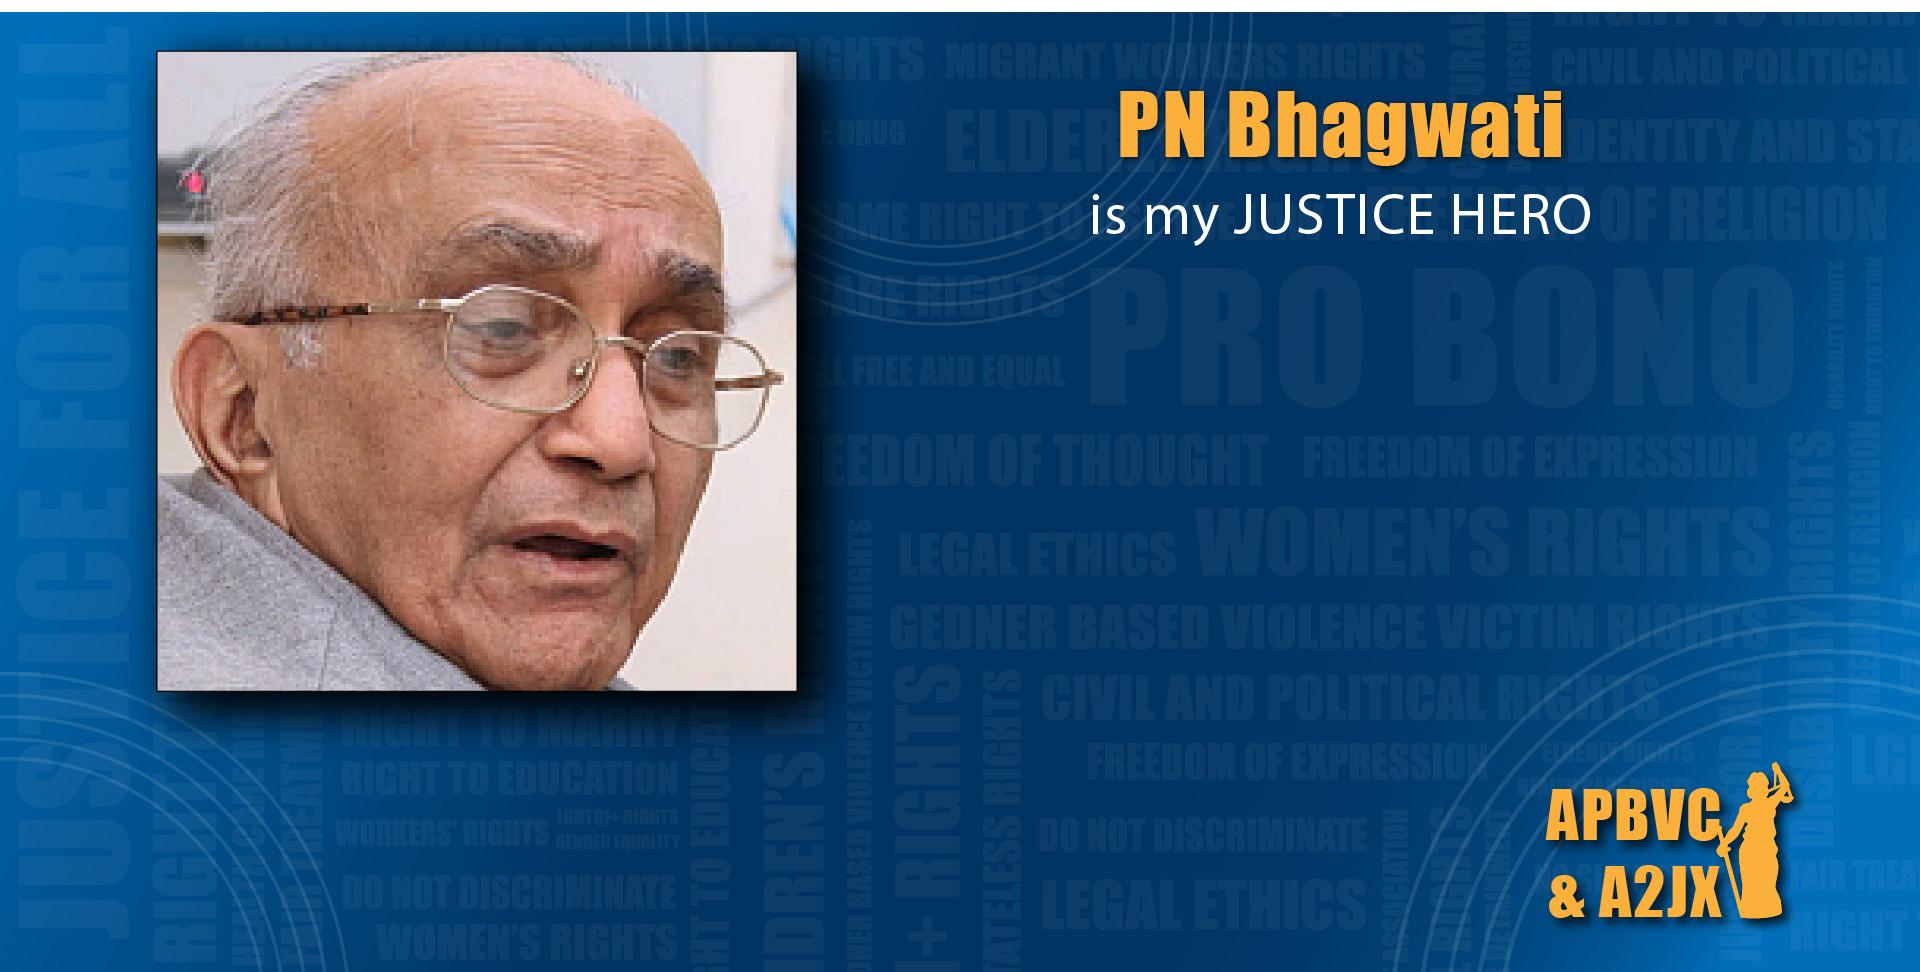 PN Bhagwati